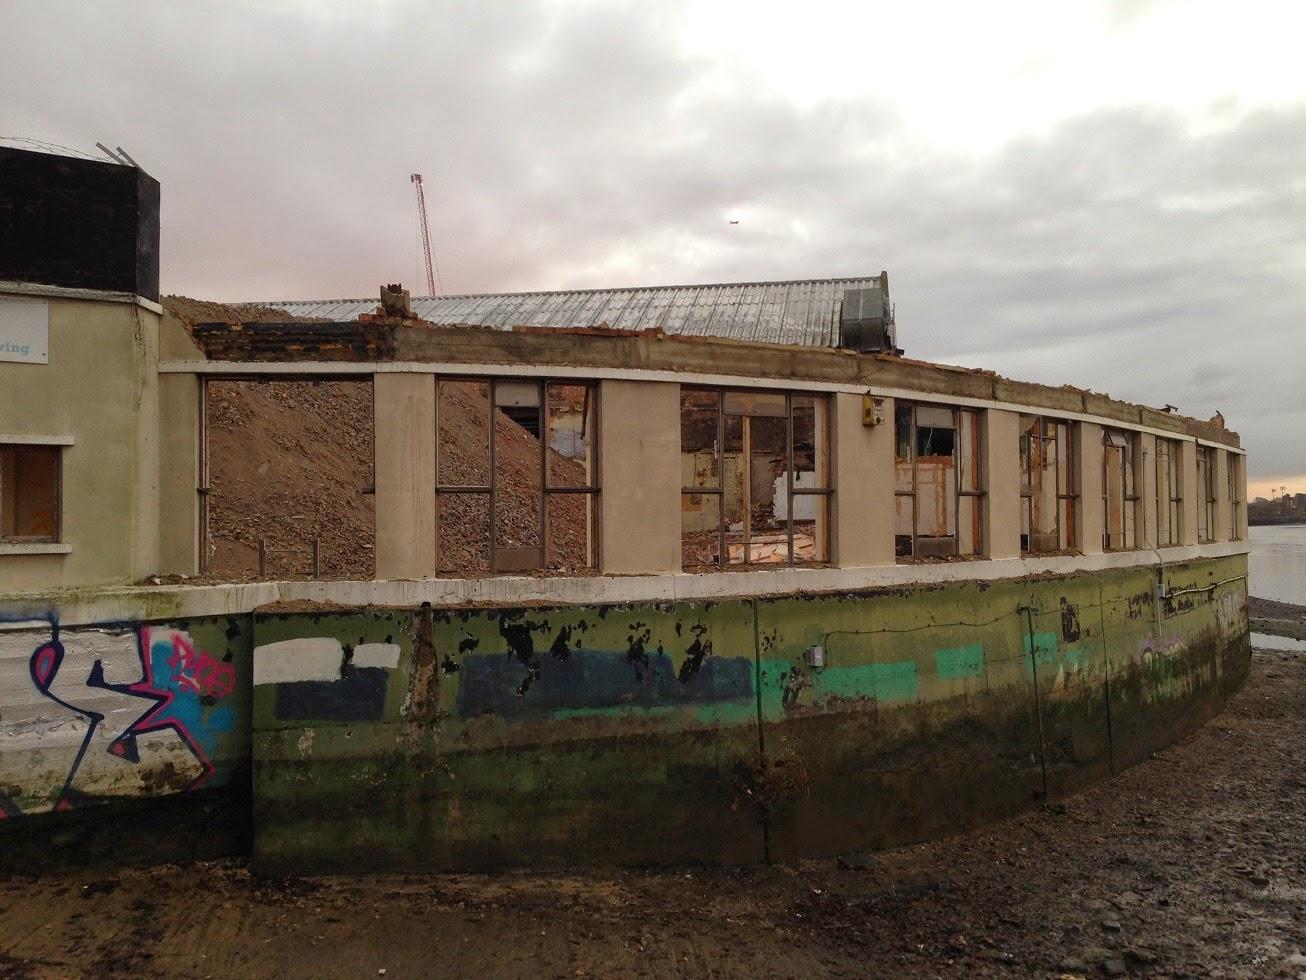 Demolition underway at Queen's Wharf, Hammersmith, London